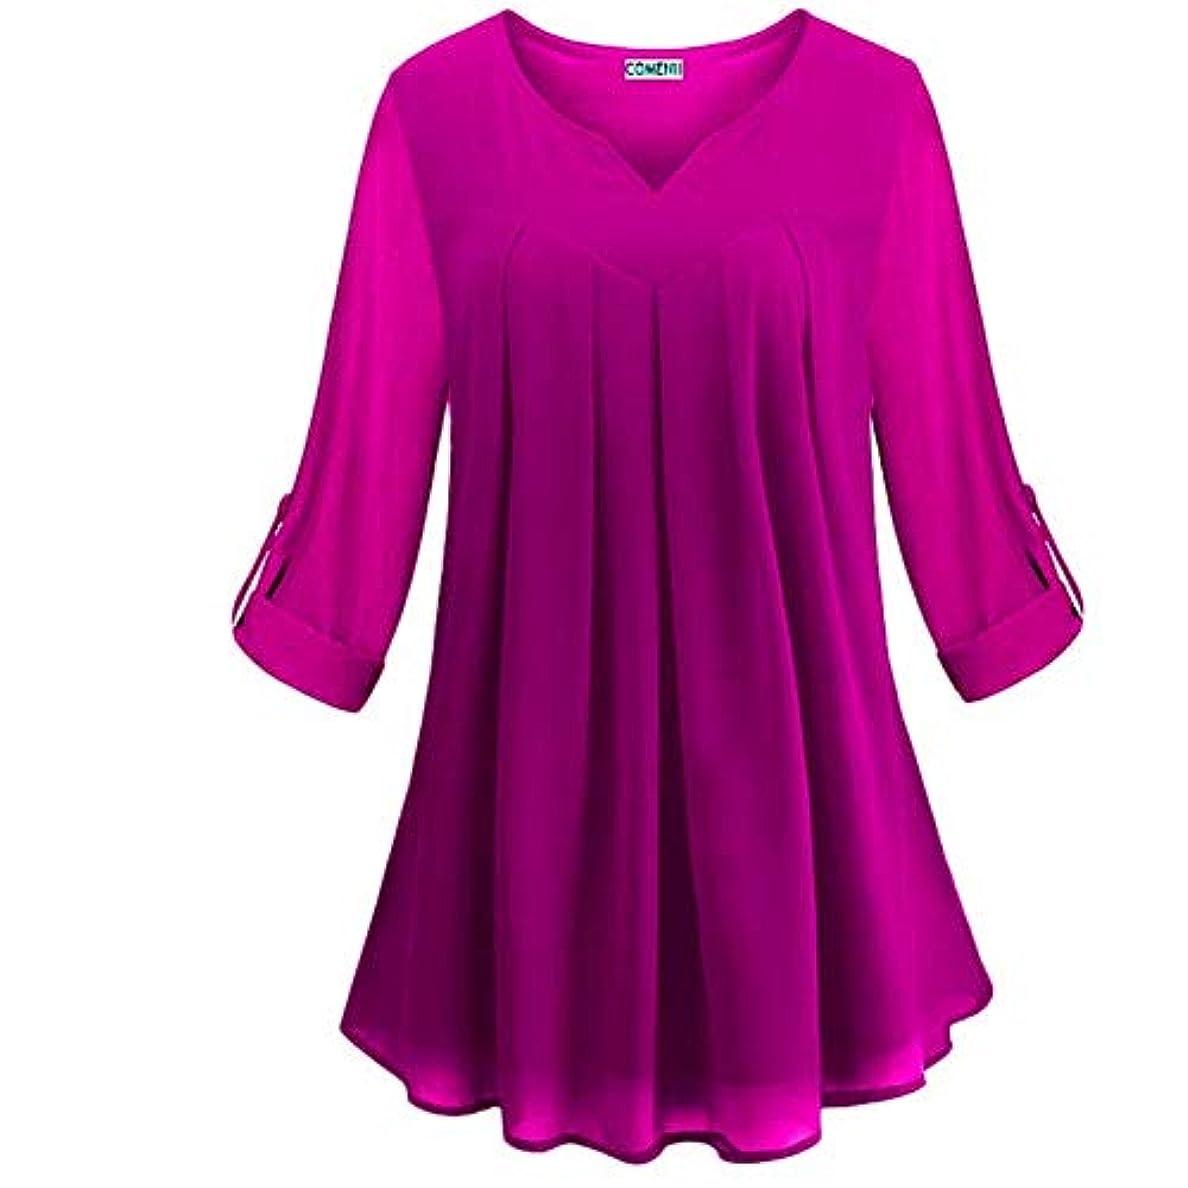 本土和弓MIFAN の女性のドレスカジュアルな不規則なドレスルースサマービーチTシャツドレス